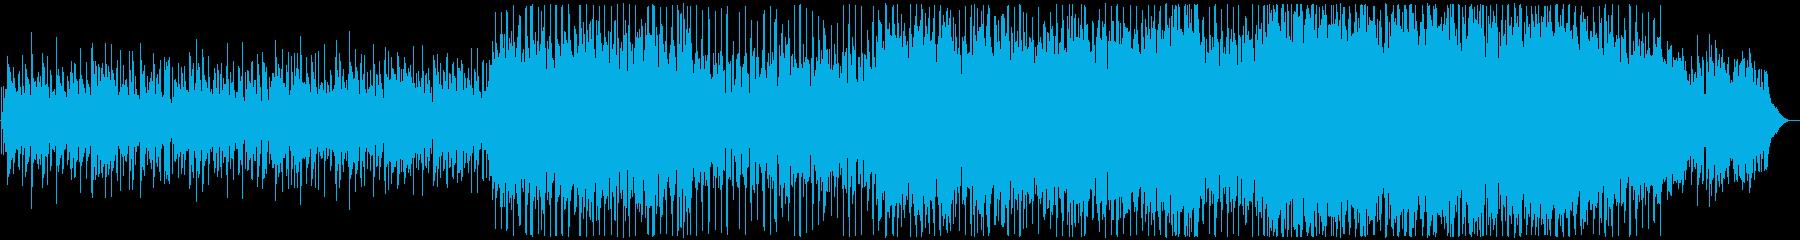 商業ポップロックバックグラウンドミ...の再生済みの波形